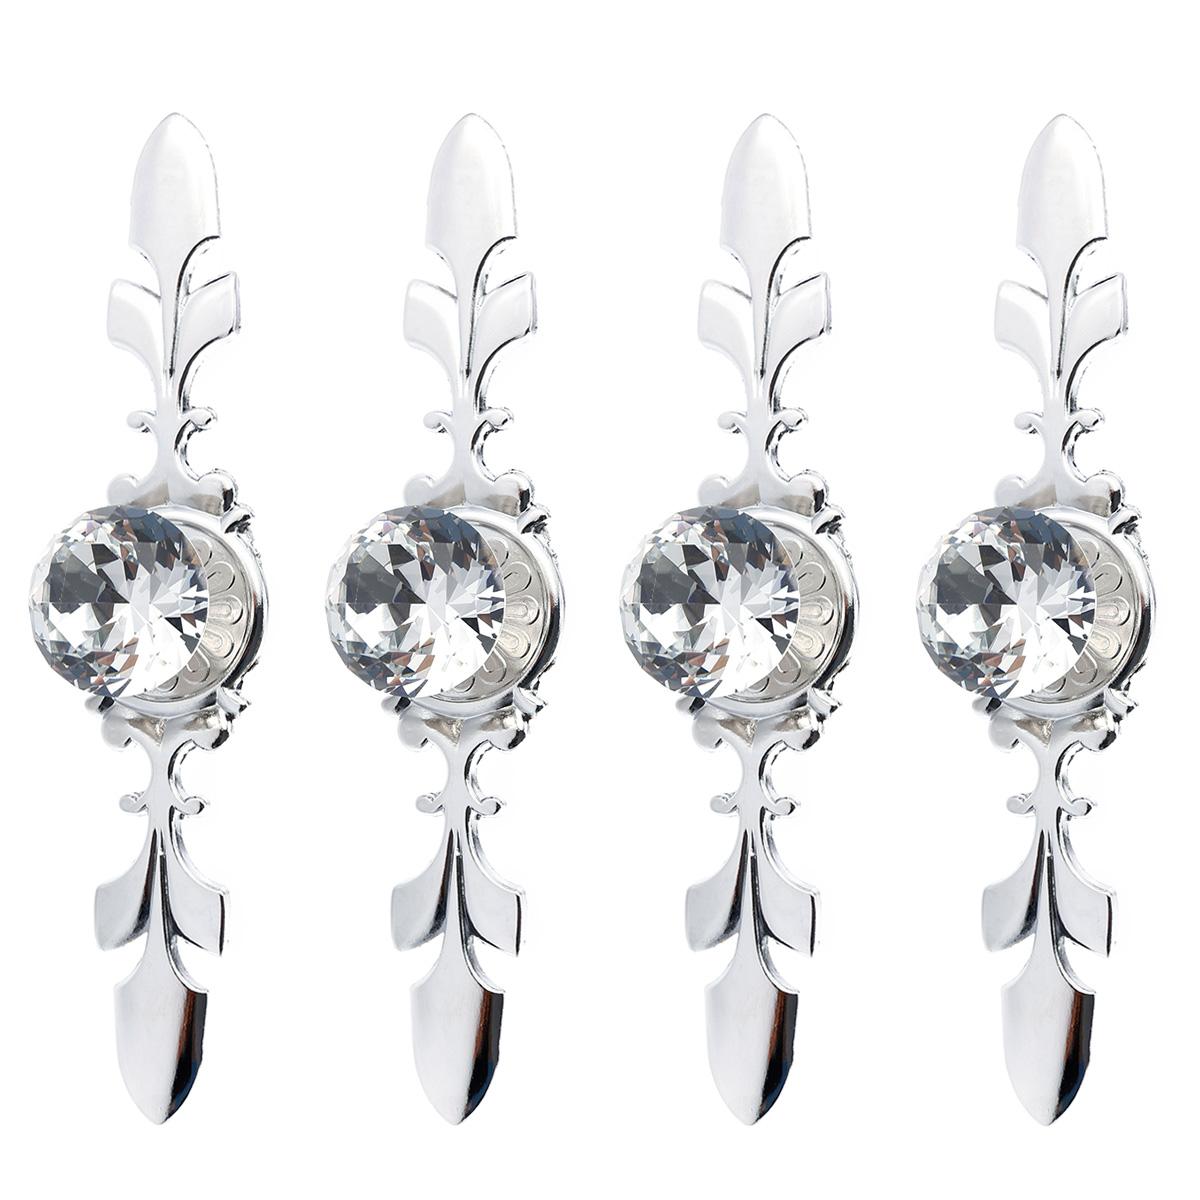 Set maniglia pomelli cristallo vetro strass metallo - Smontare maniglia finestra senza viti ...